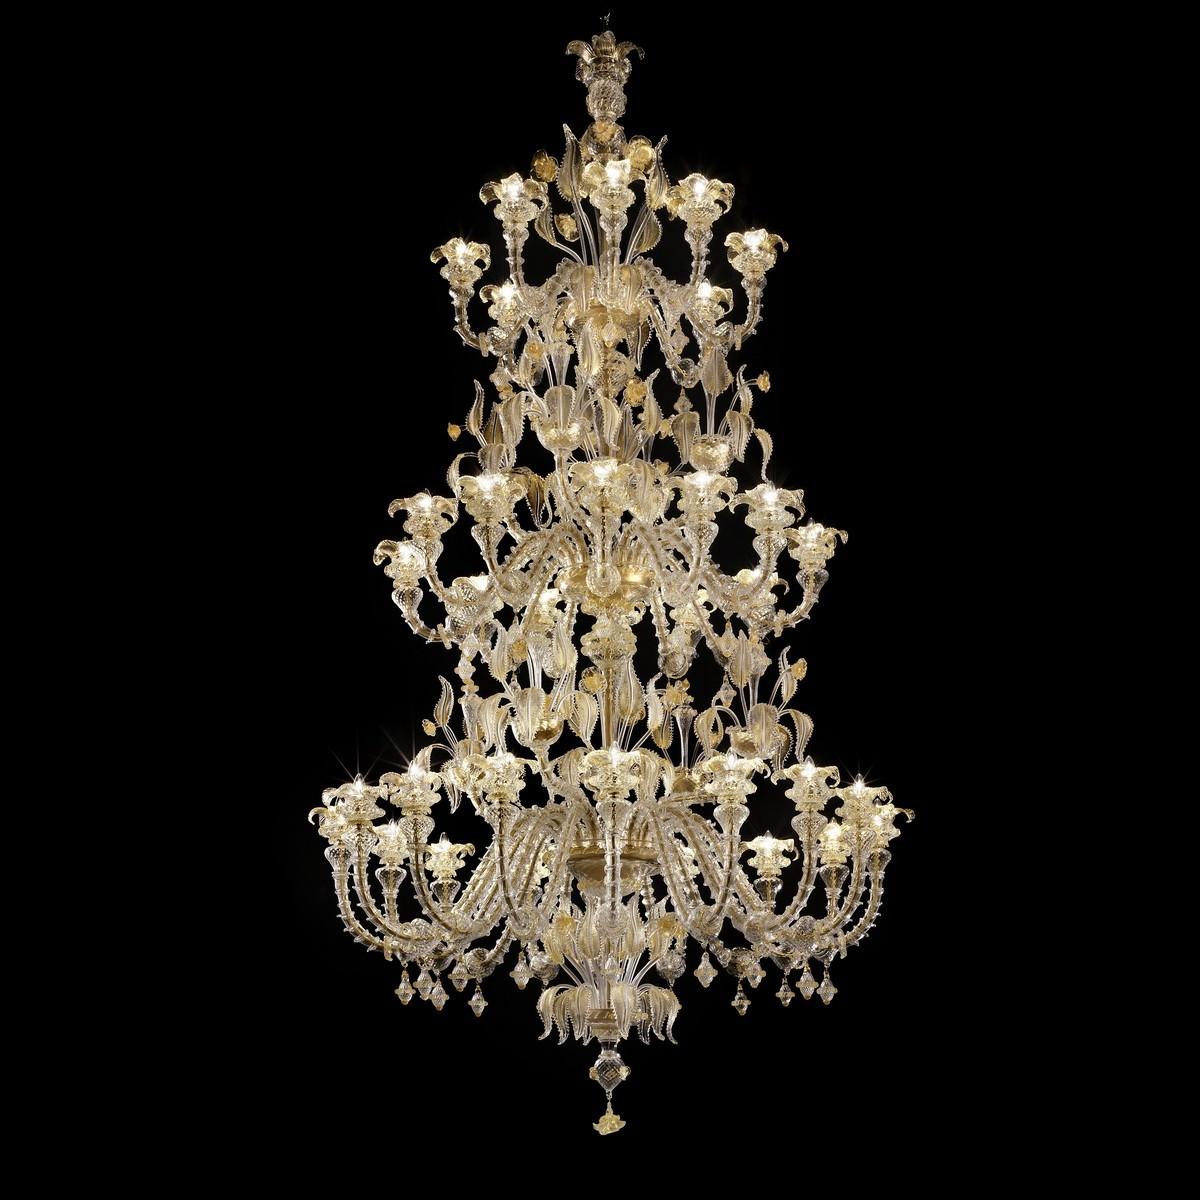 """""""Prezioso"""" araña a tres niveles de cristal de Murano - 16+12+8 luces - transparente y oro"""